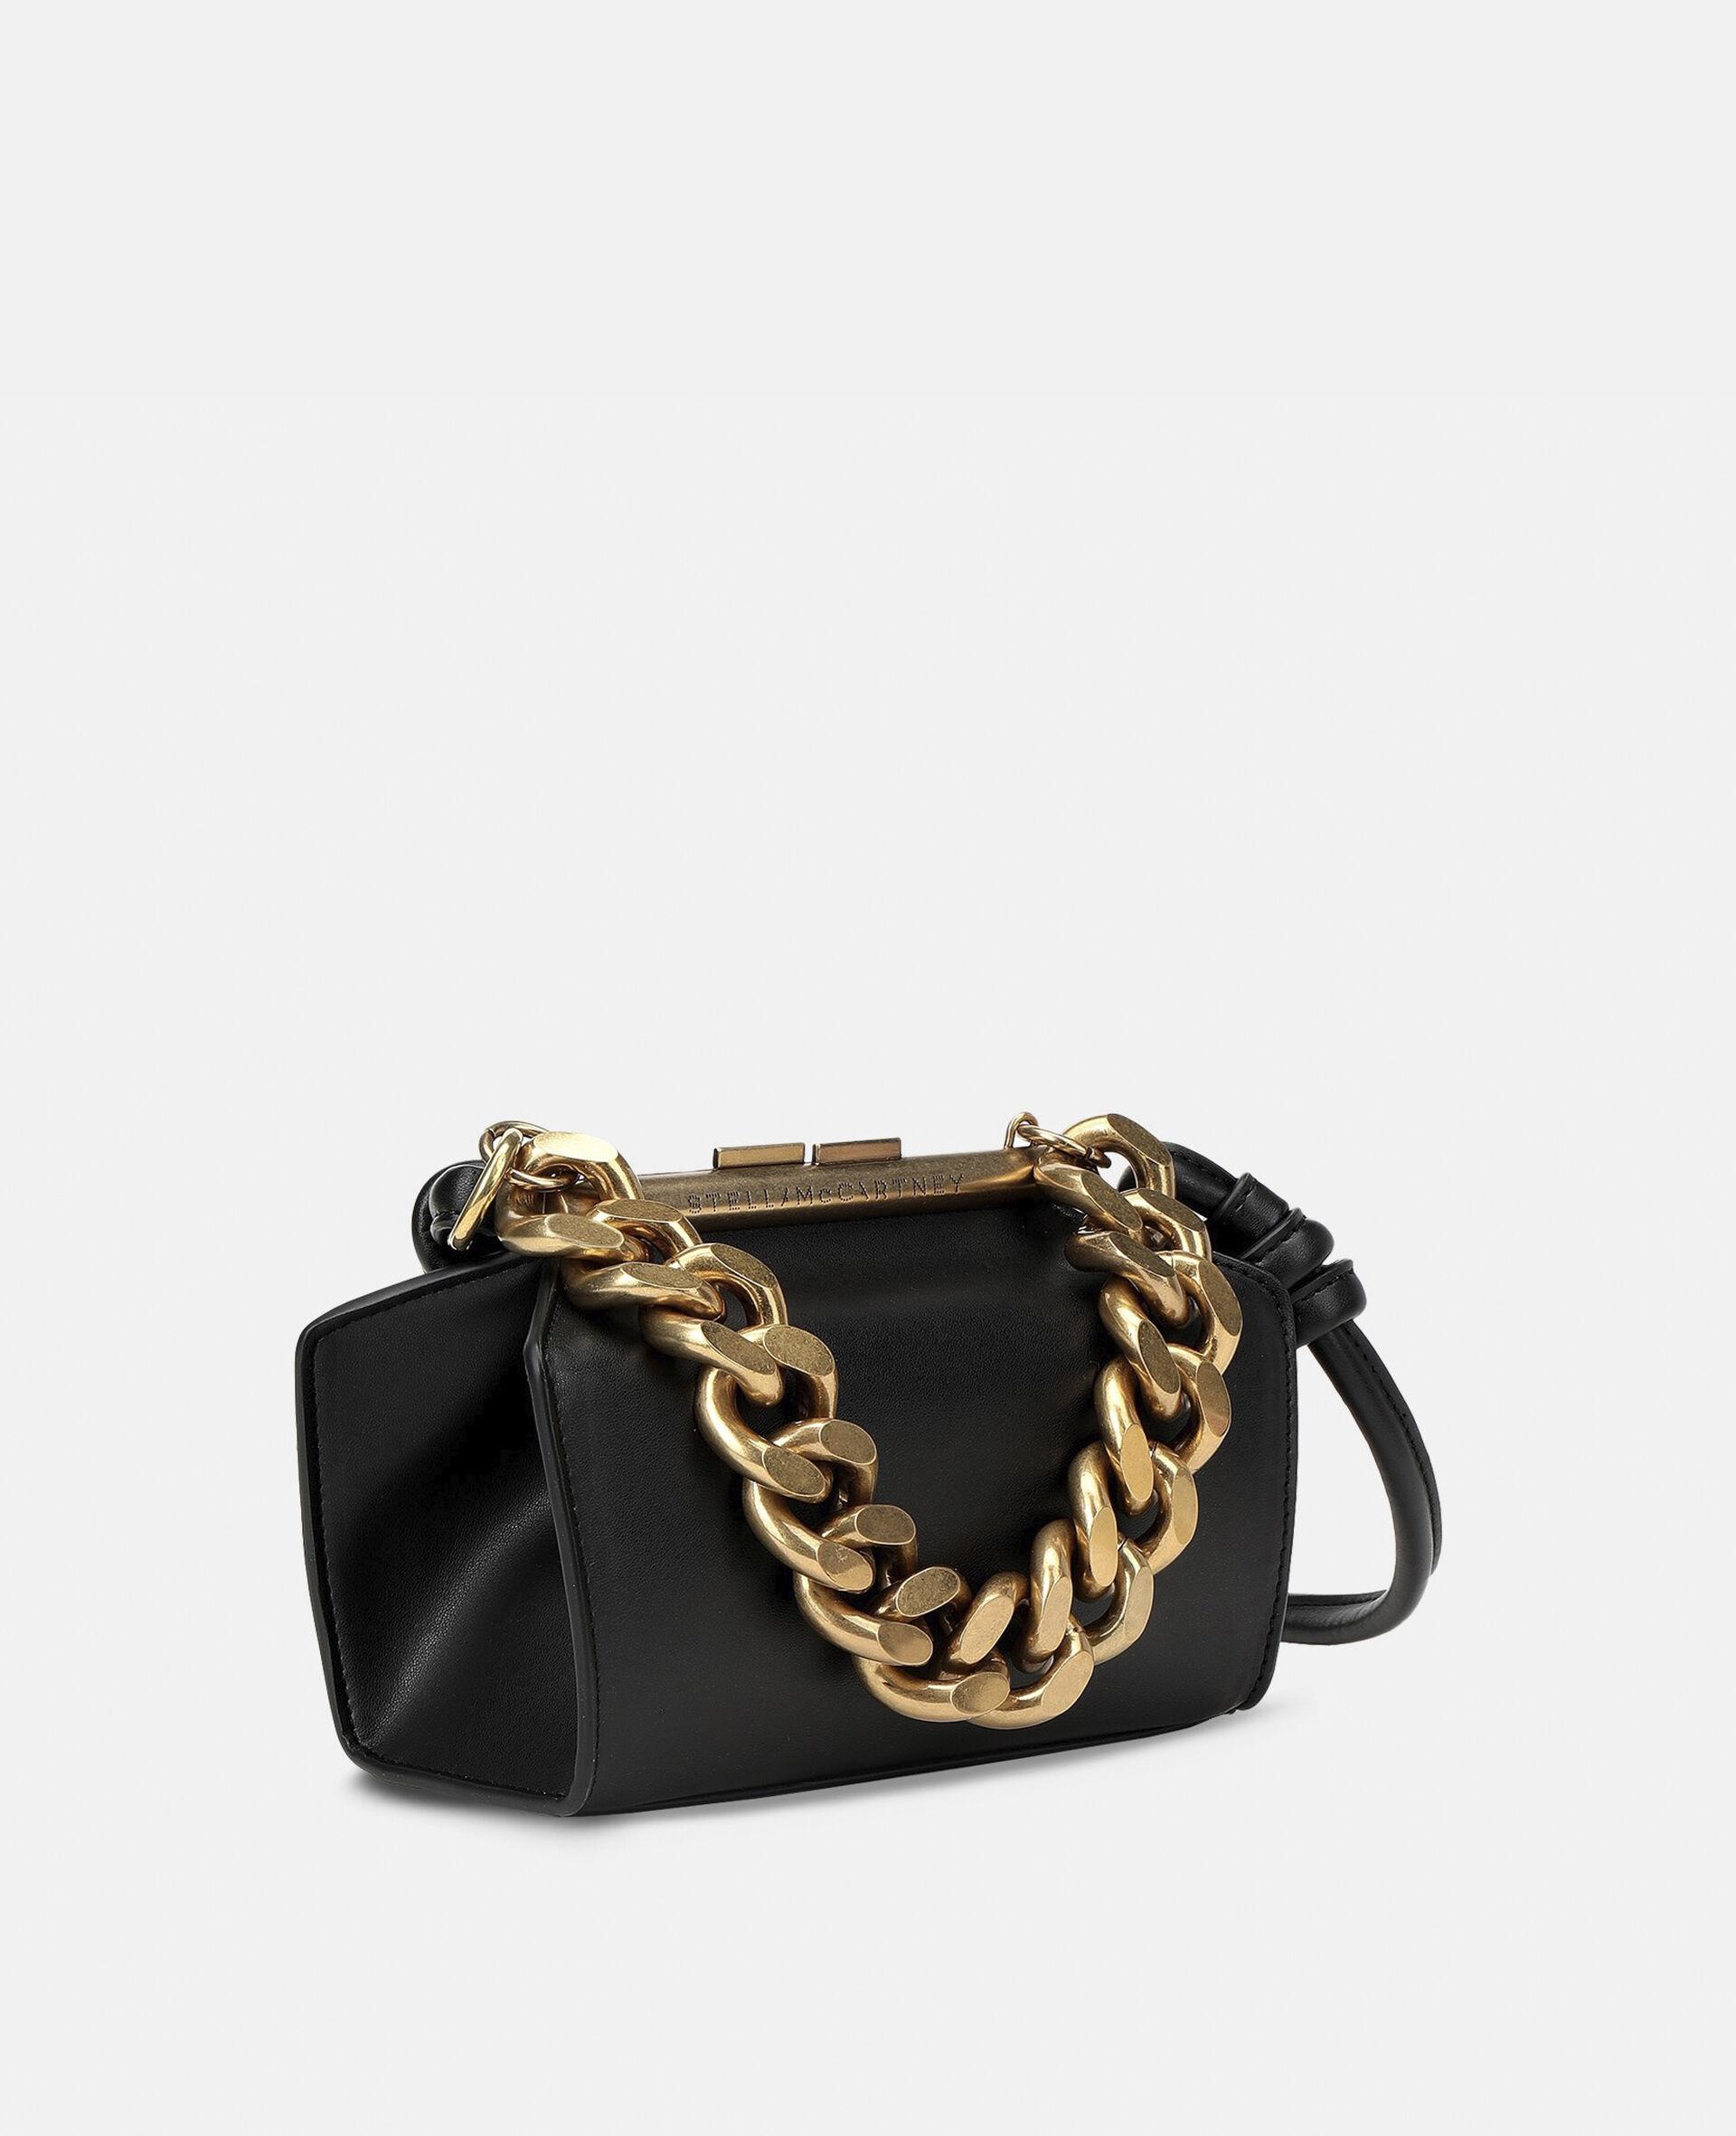 Petit sac avec bandoulière chaîne épaisse-Noir-large image number 1